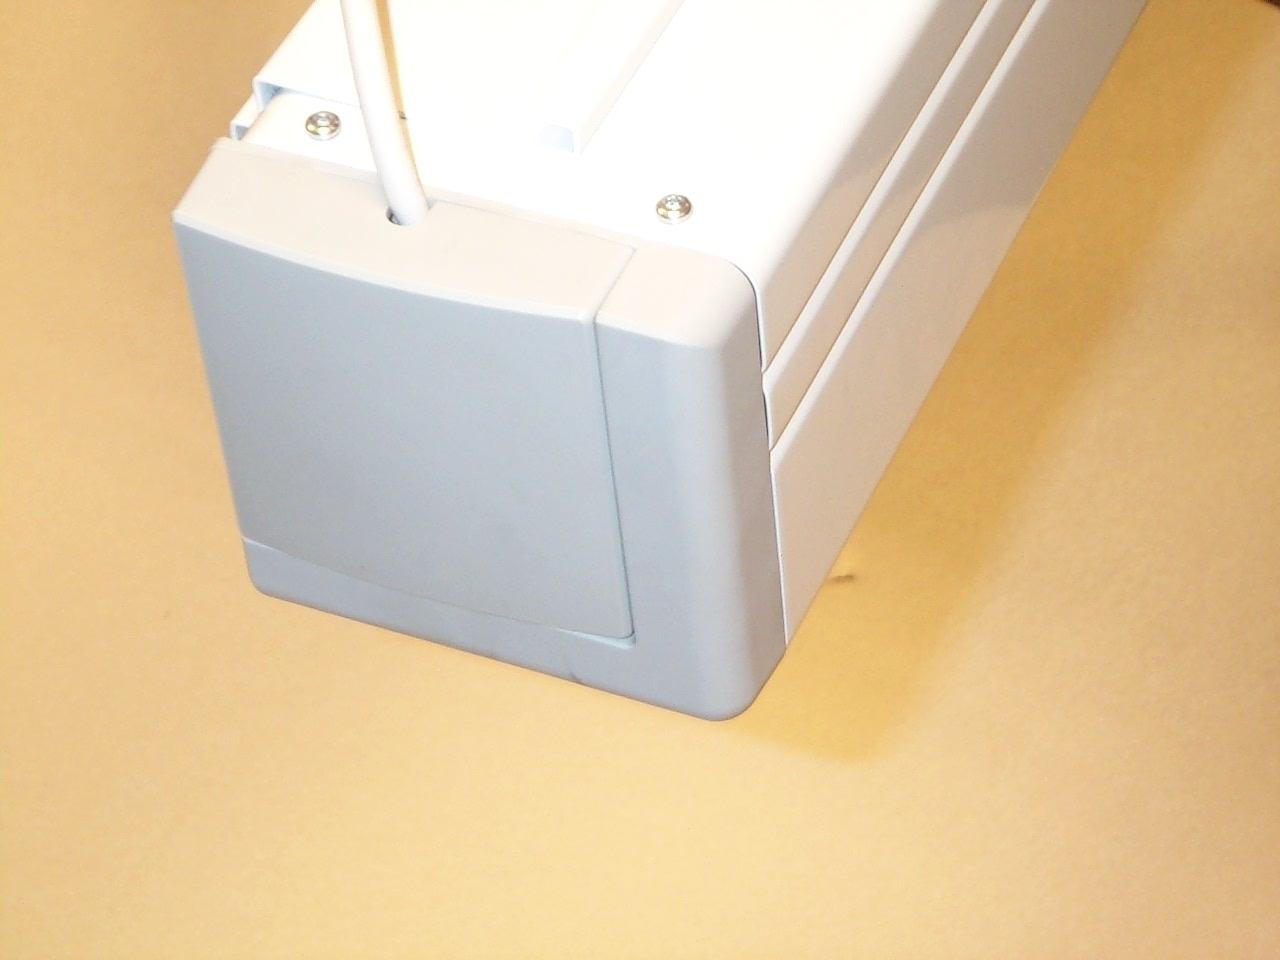 Projecta Elpro Electrol 220x220 MatteWhite M 1:1 schermo per proiettore